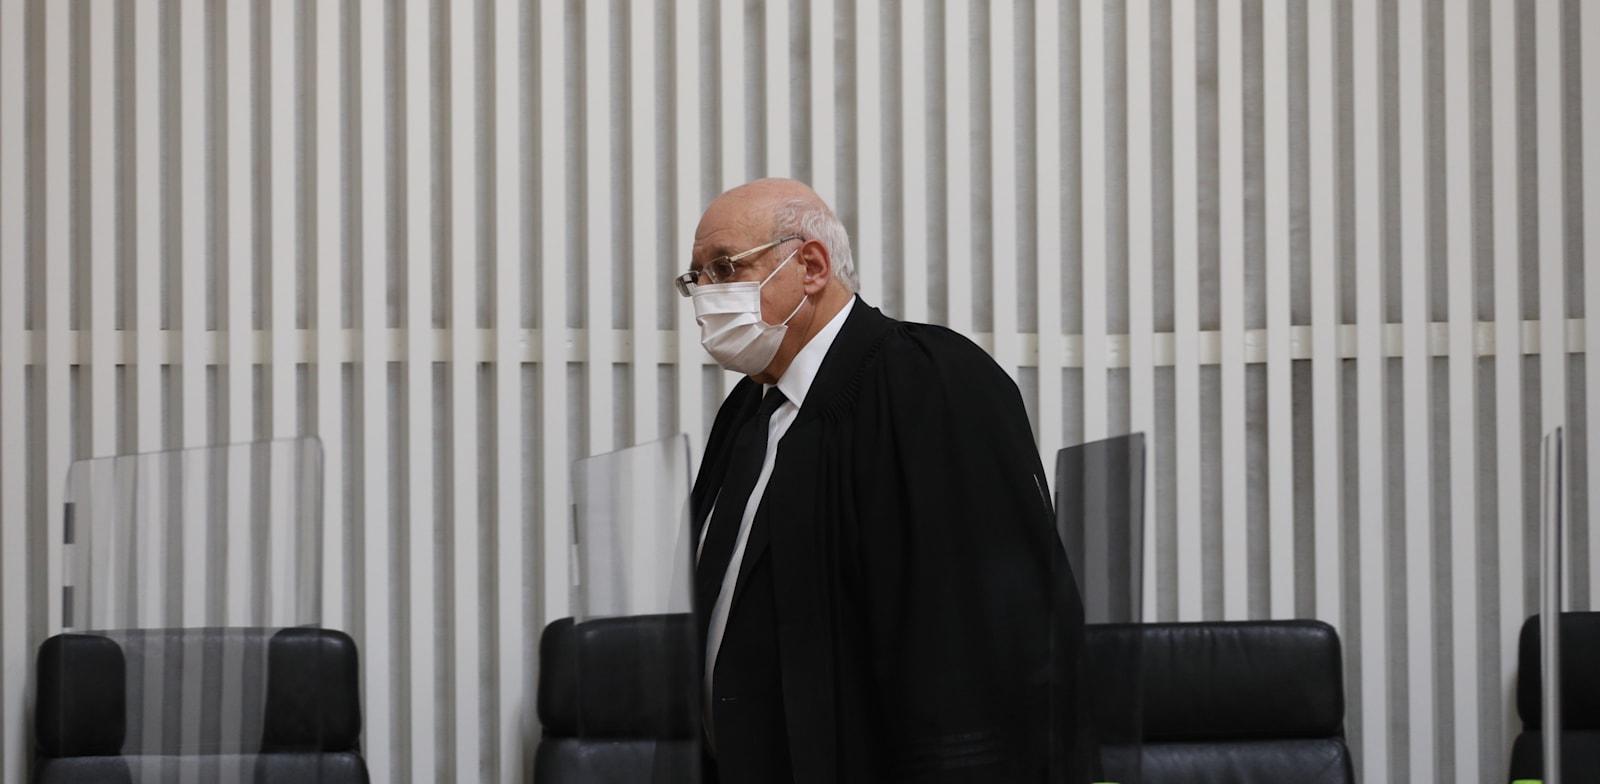 """השופט חנן מלצר / צילום: אמיל סלמן, """"הארץ"""""""